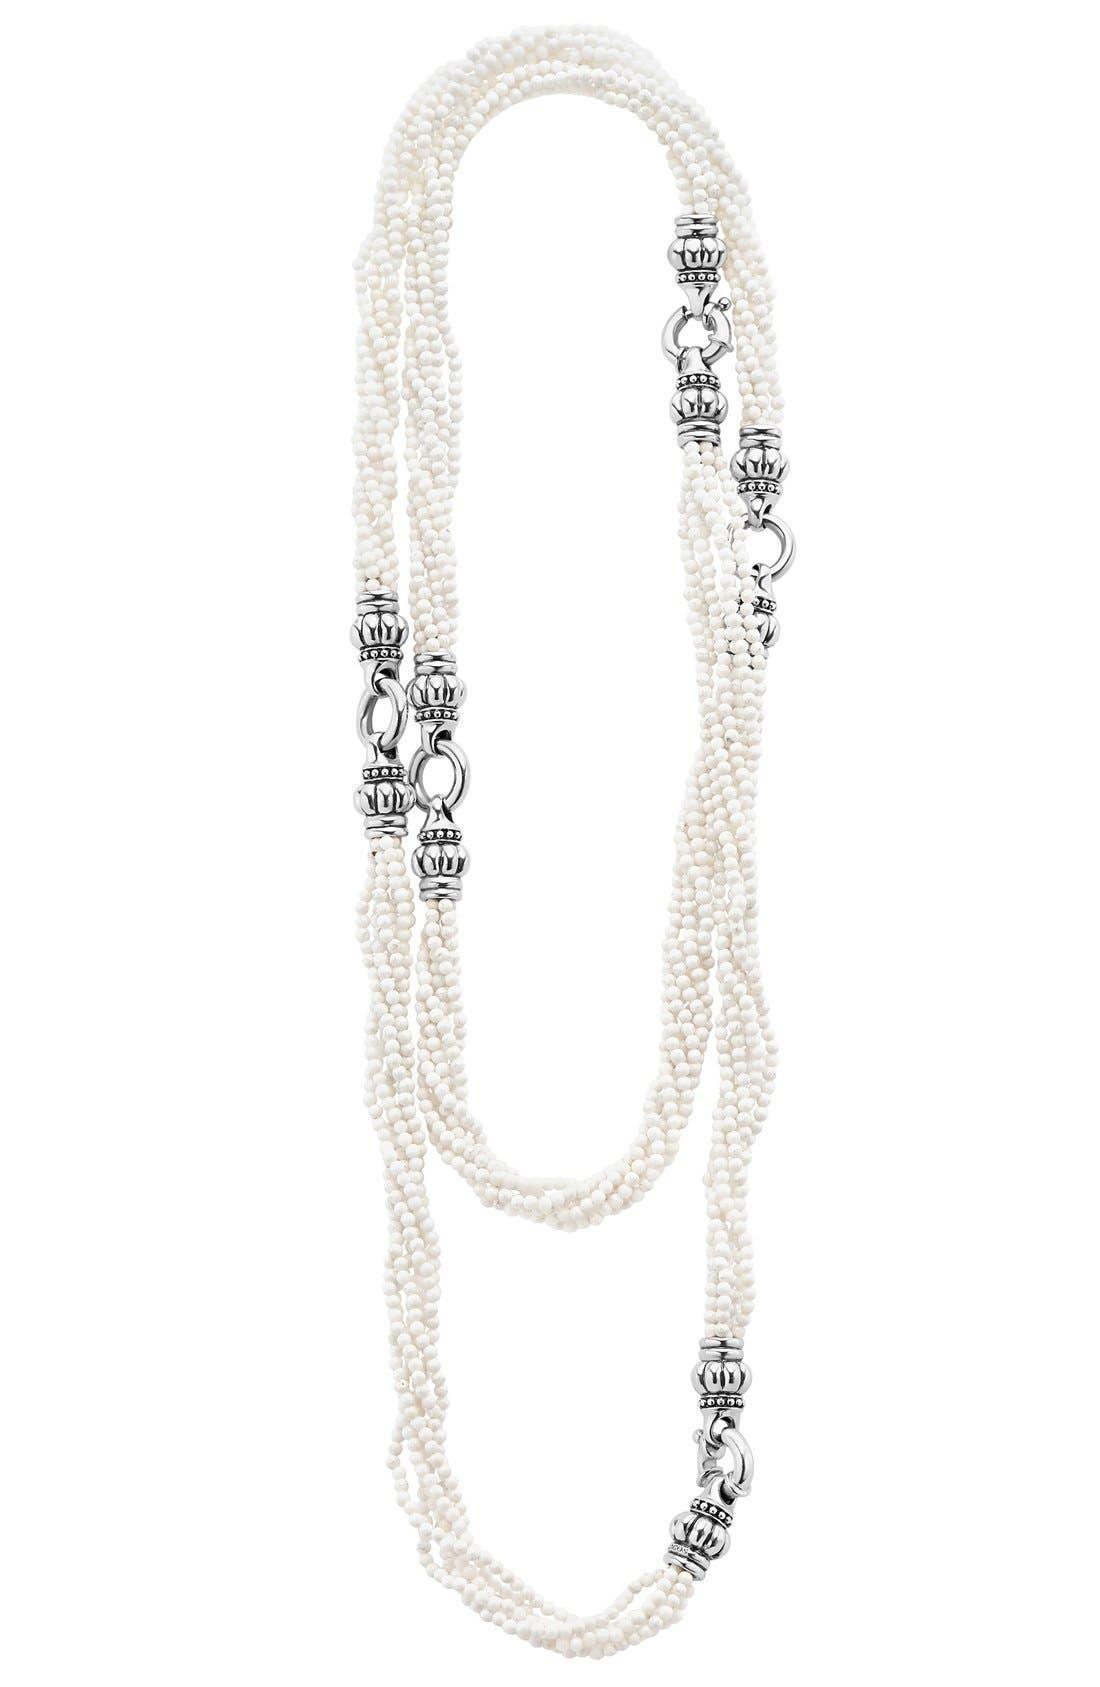 LAGOS 'Black & White Caviar' Agate Multistrand Necklace